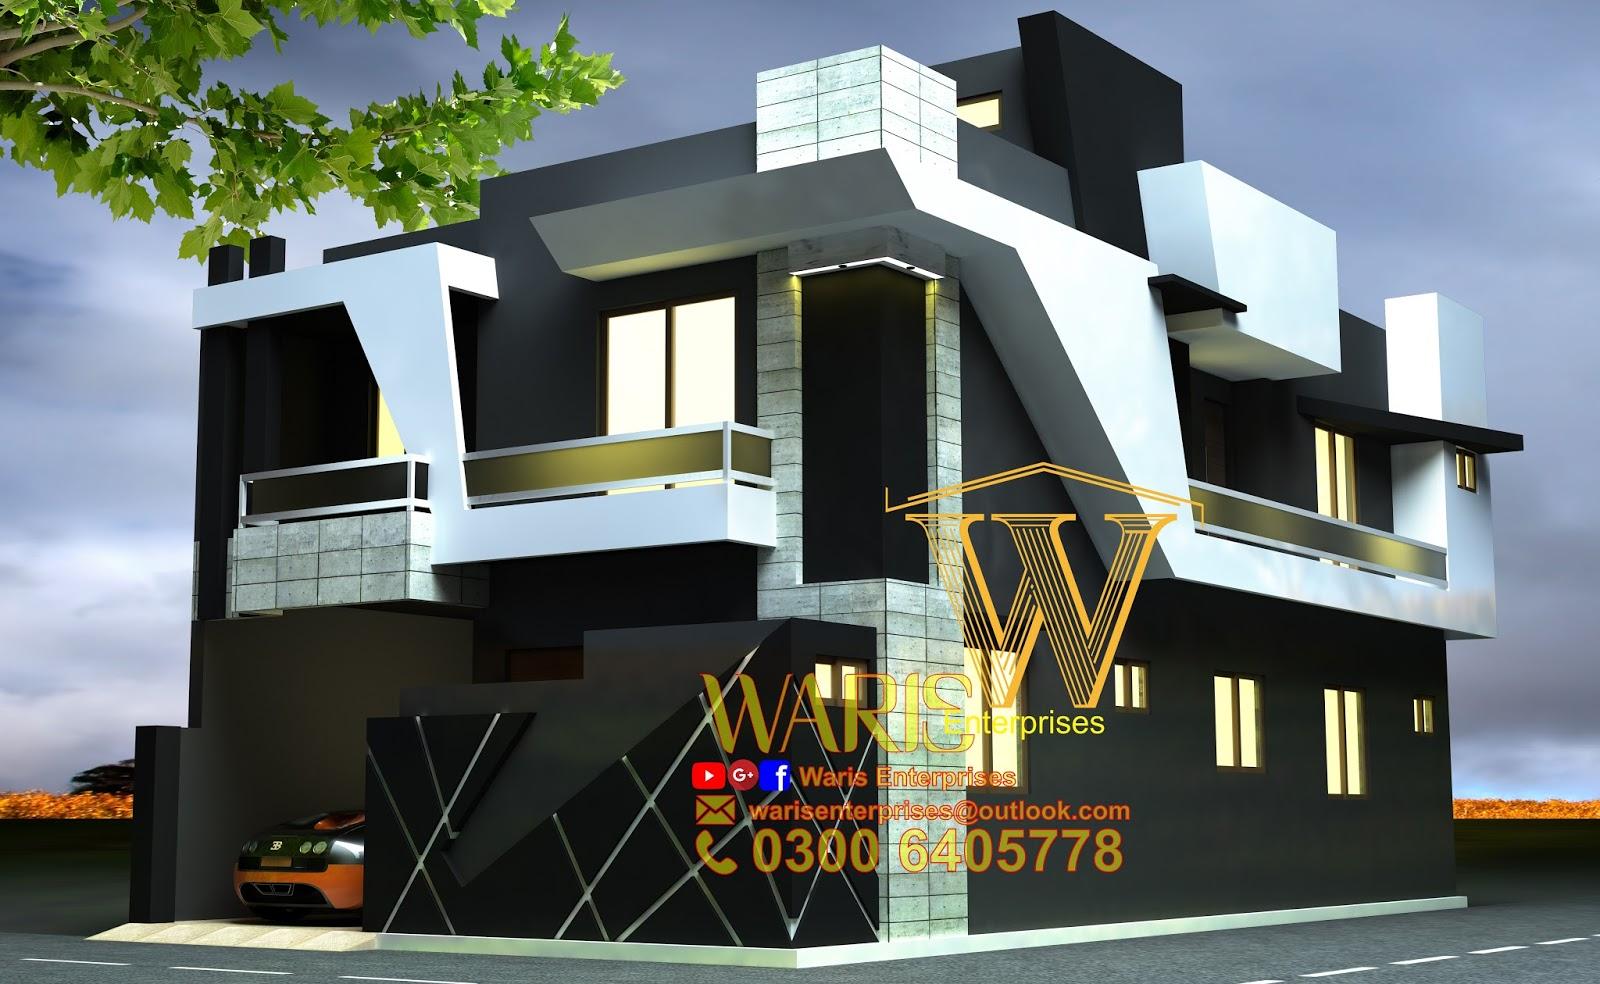 10 Marla 35X65 House Design in Gujranwala Pakistan Door